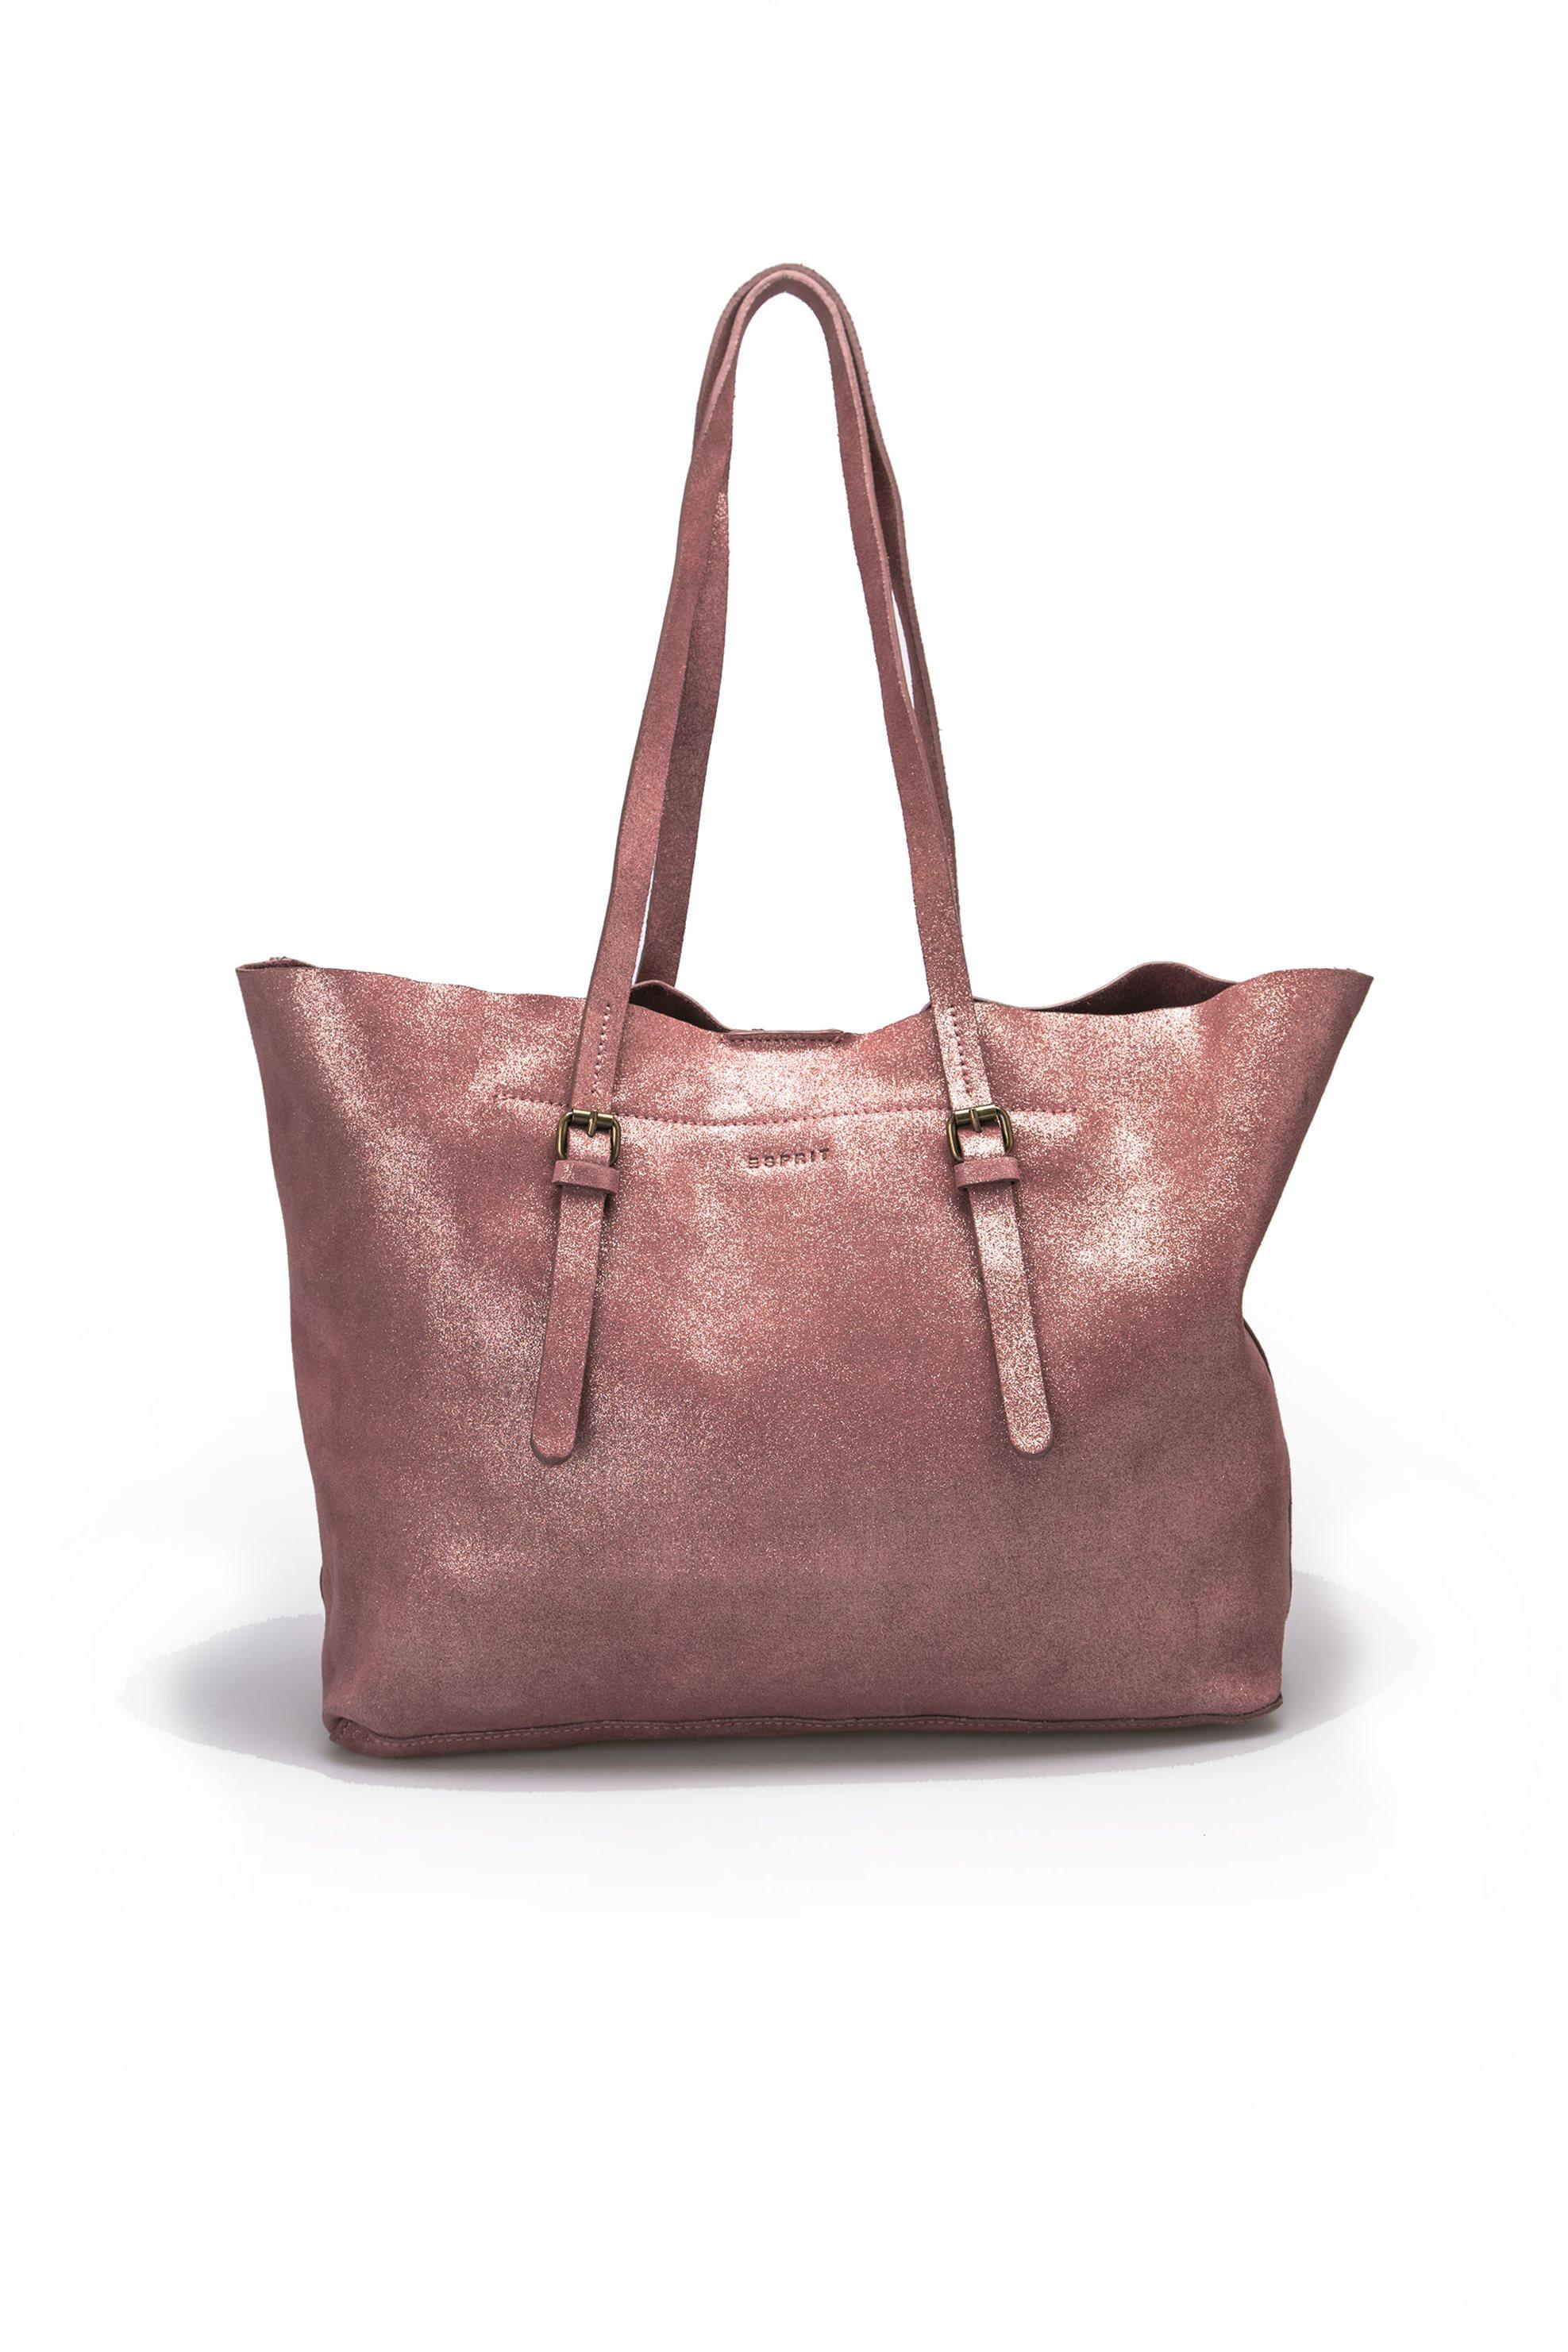 Γυναικεία τσάντα Esprit - 087EA1O063 - Ροζ γυναικα   τσαντεσ   ώμου   shopper bags